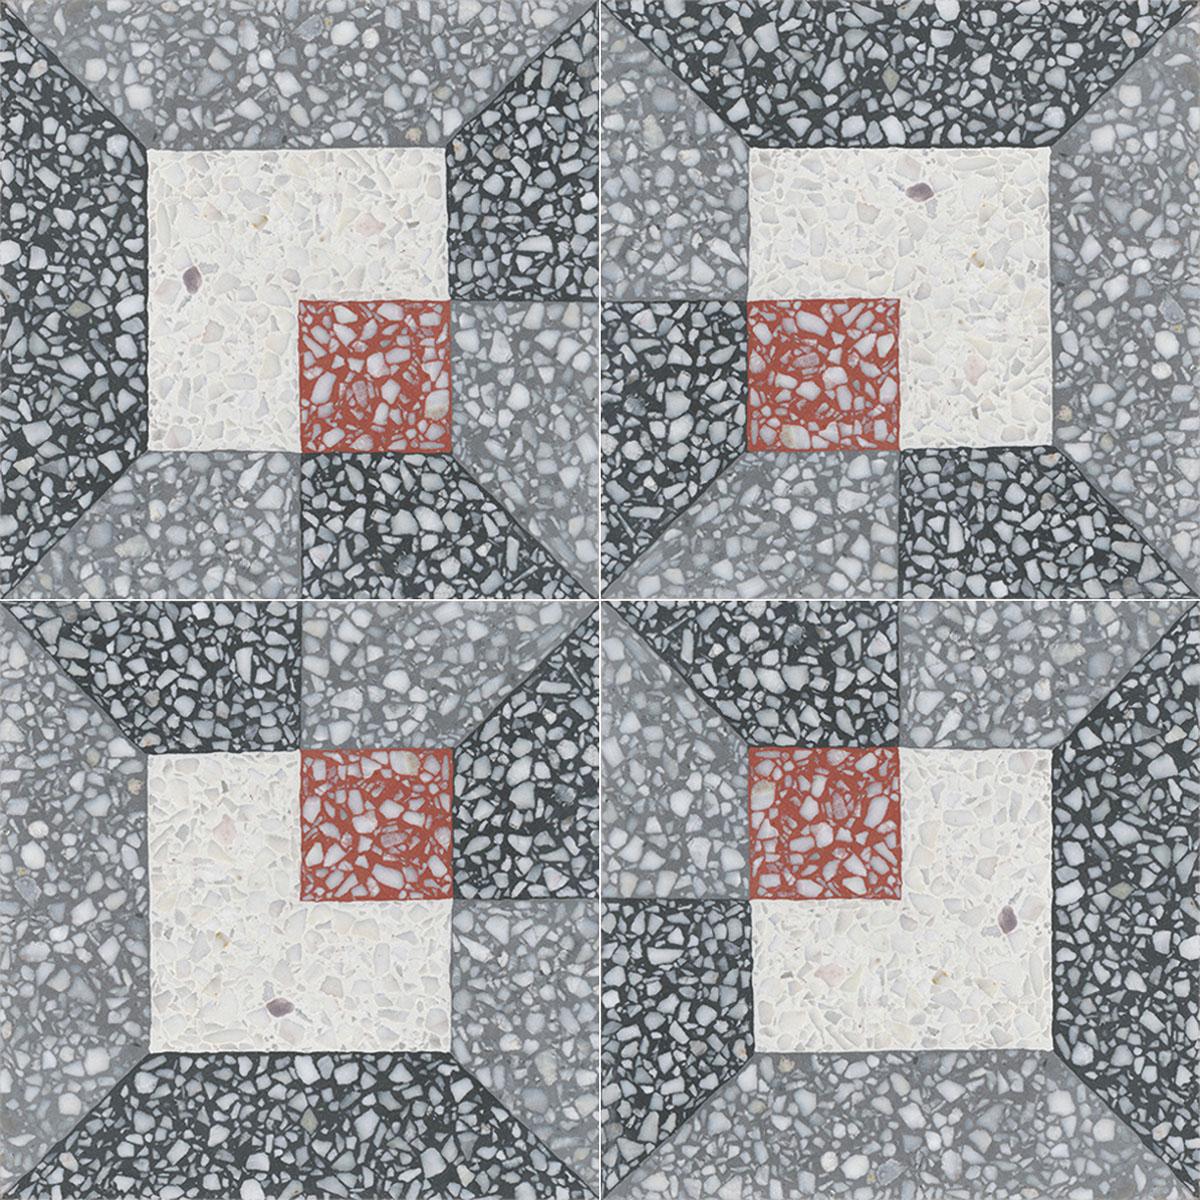 Terrazzo Tile Grosso Ornament Werkbund Von Replicata 200